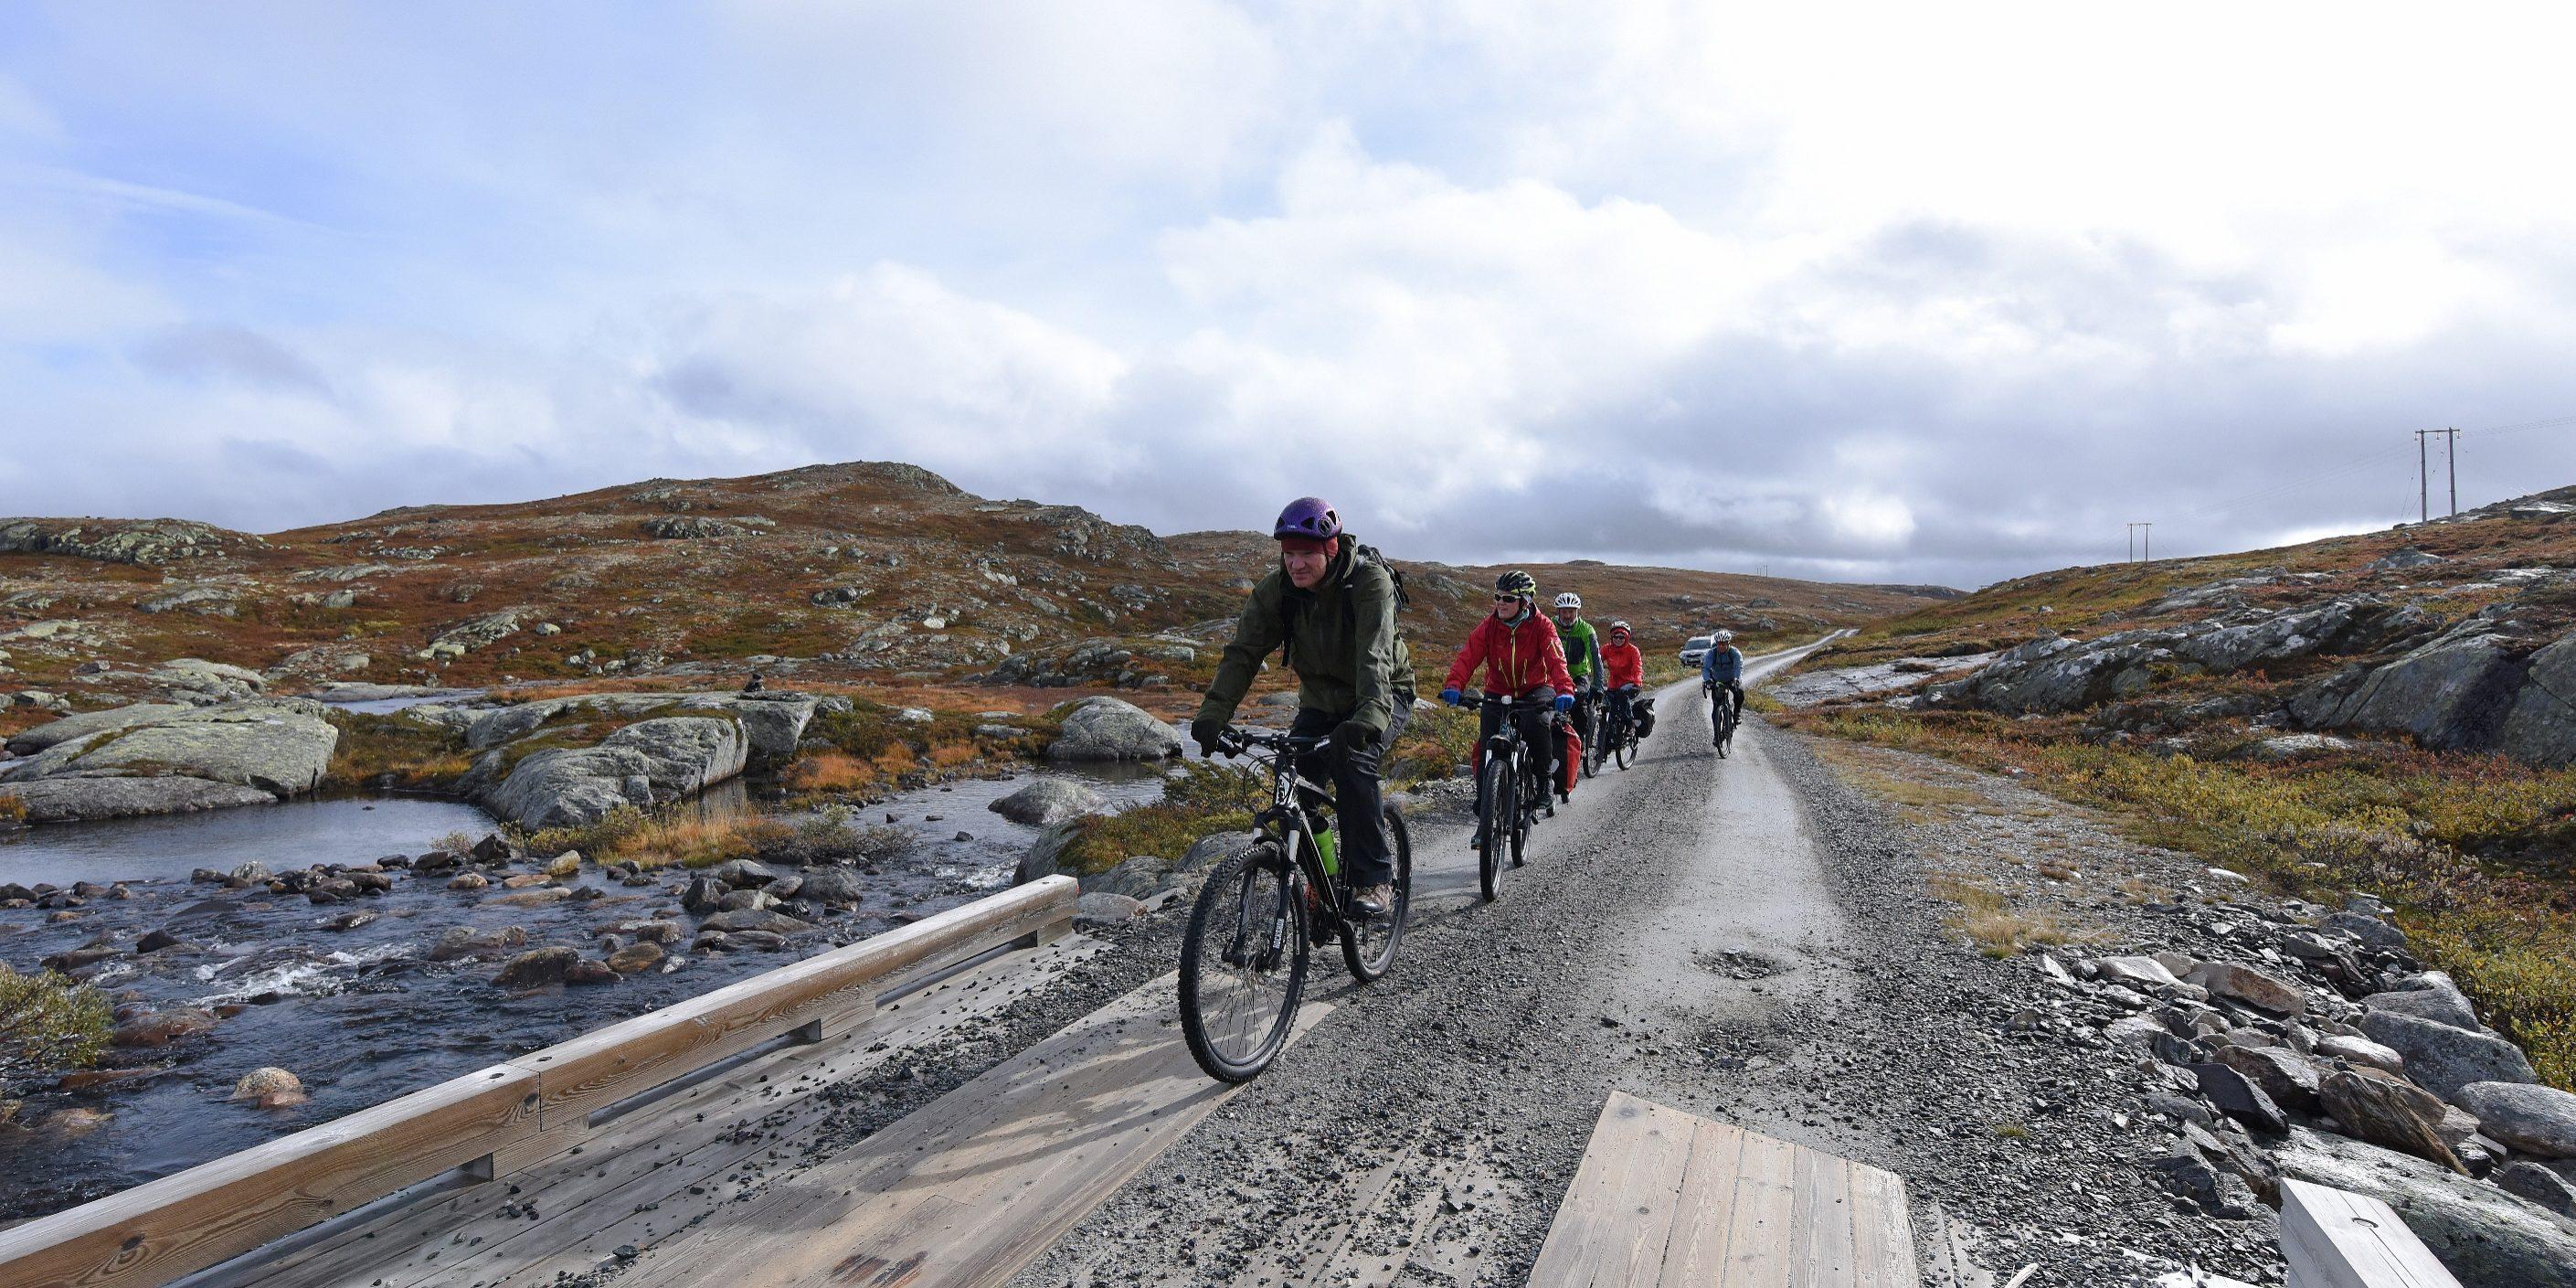 Sykling på  Hardangervidda Foto:Bjørn Harry Schønhaug